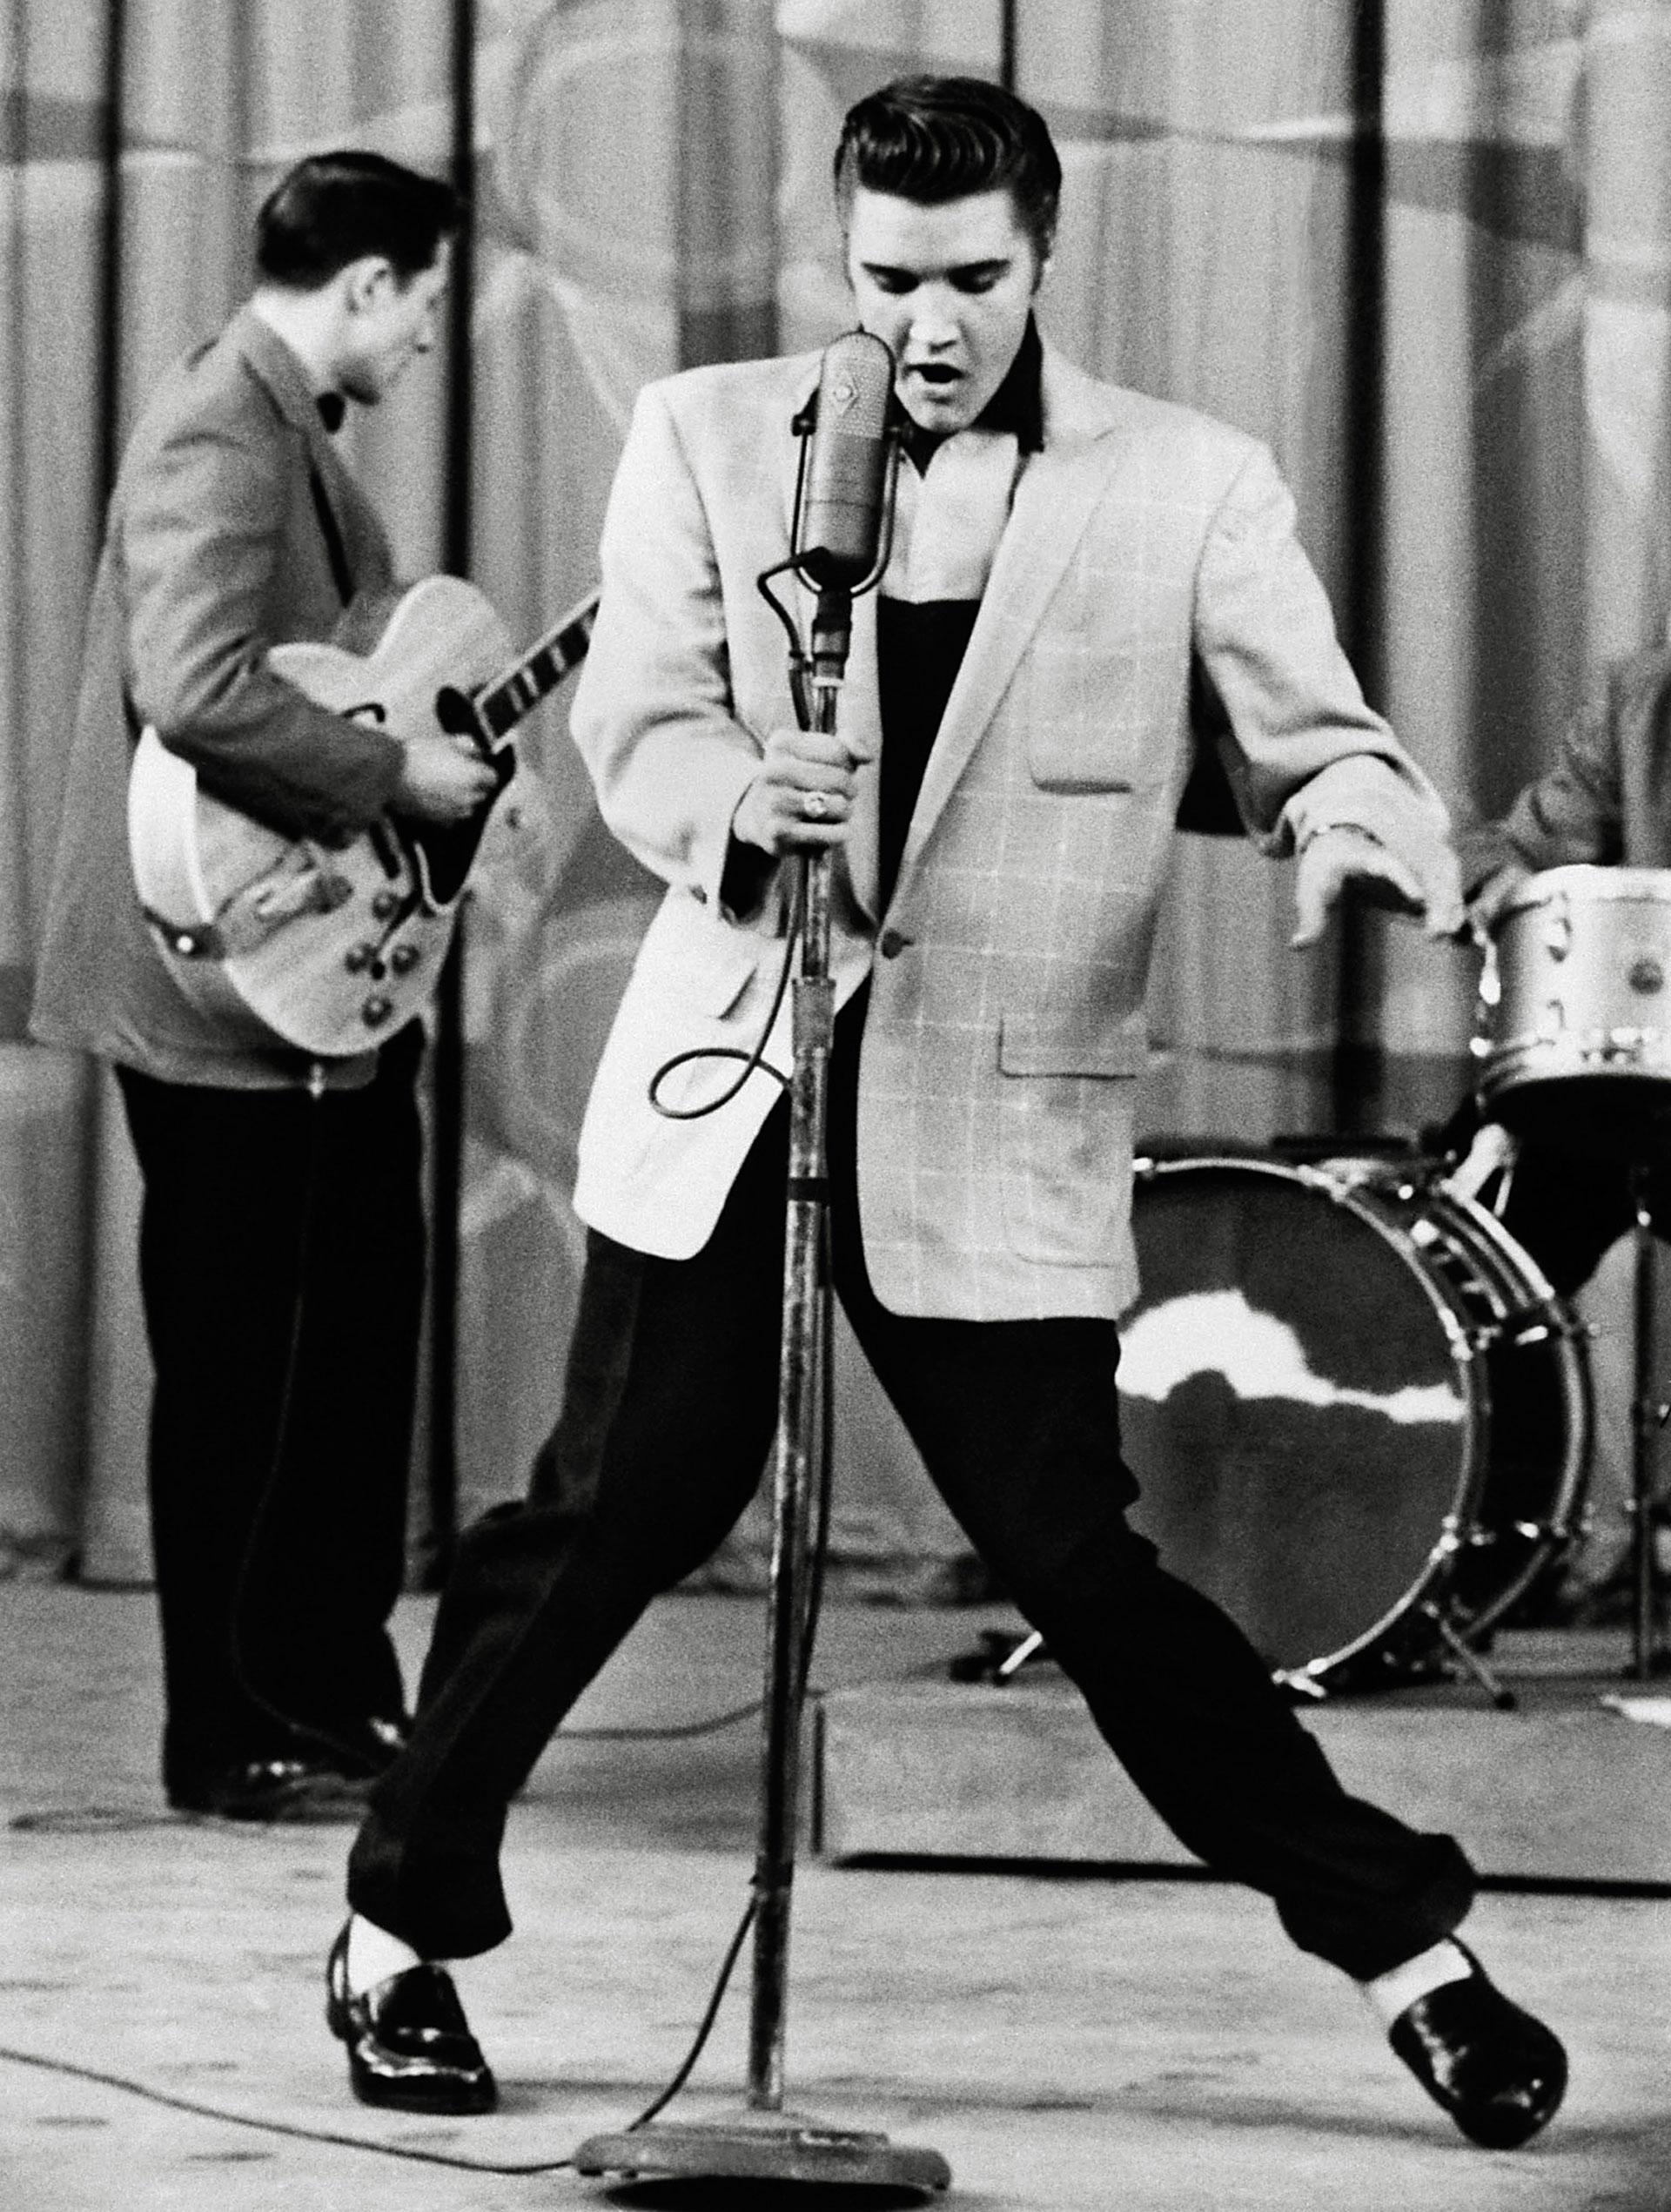 Sabías que David Bowie, Elvis Presley y Stephen Hawking nacieron un día  como hoy 8 de enero - Infobae